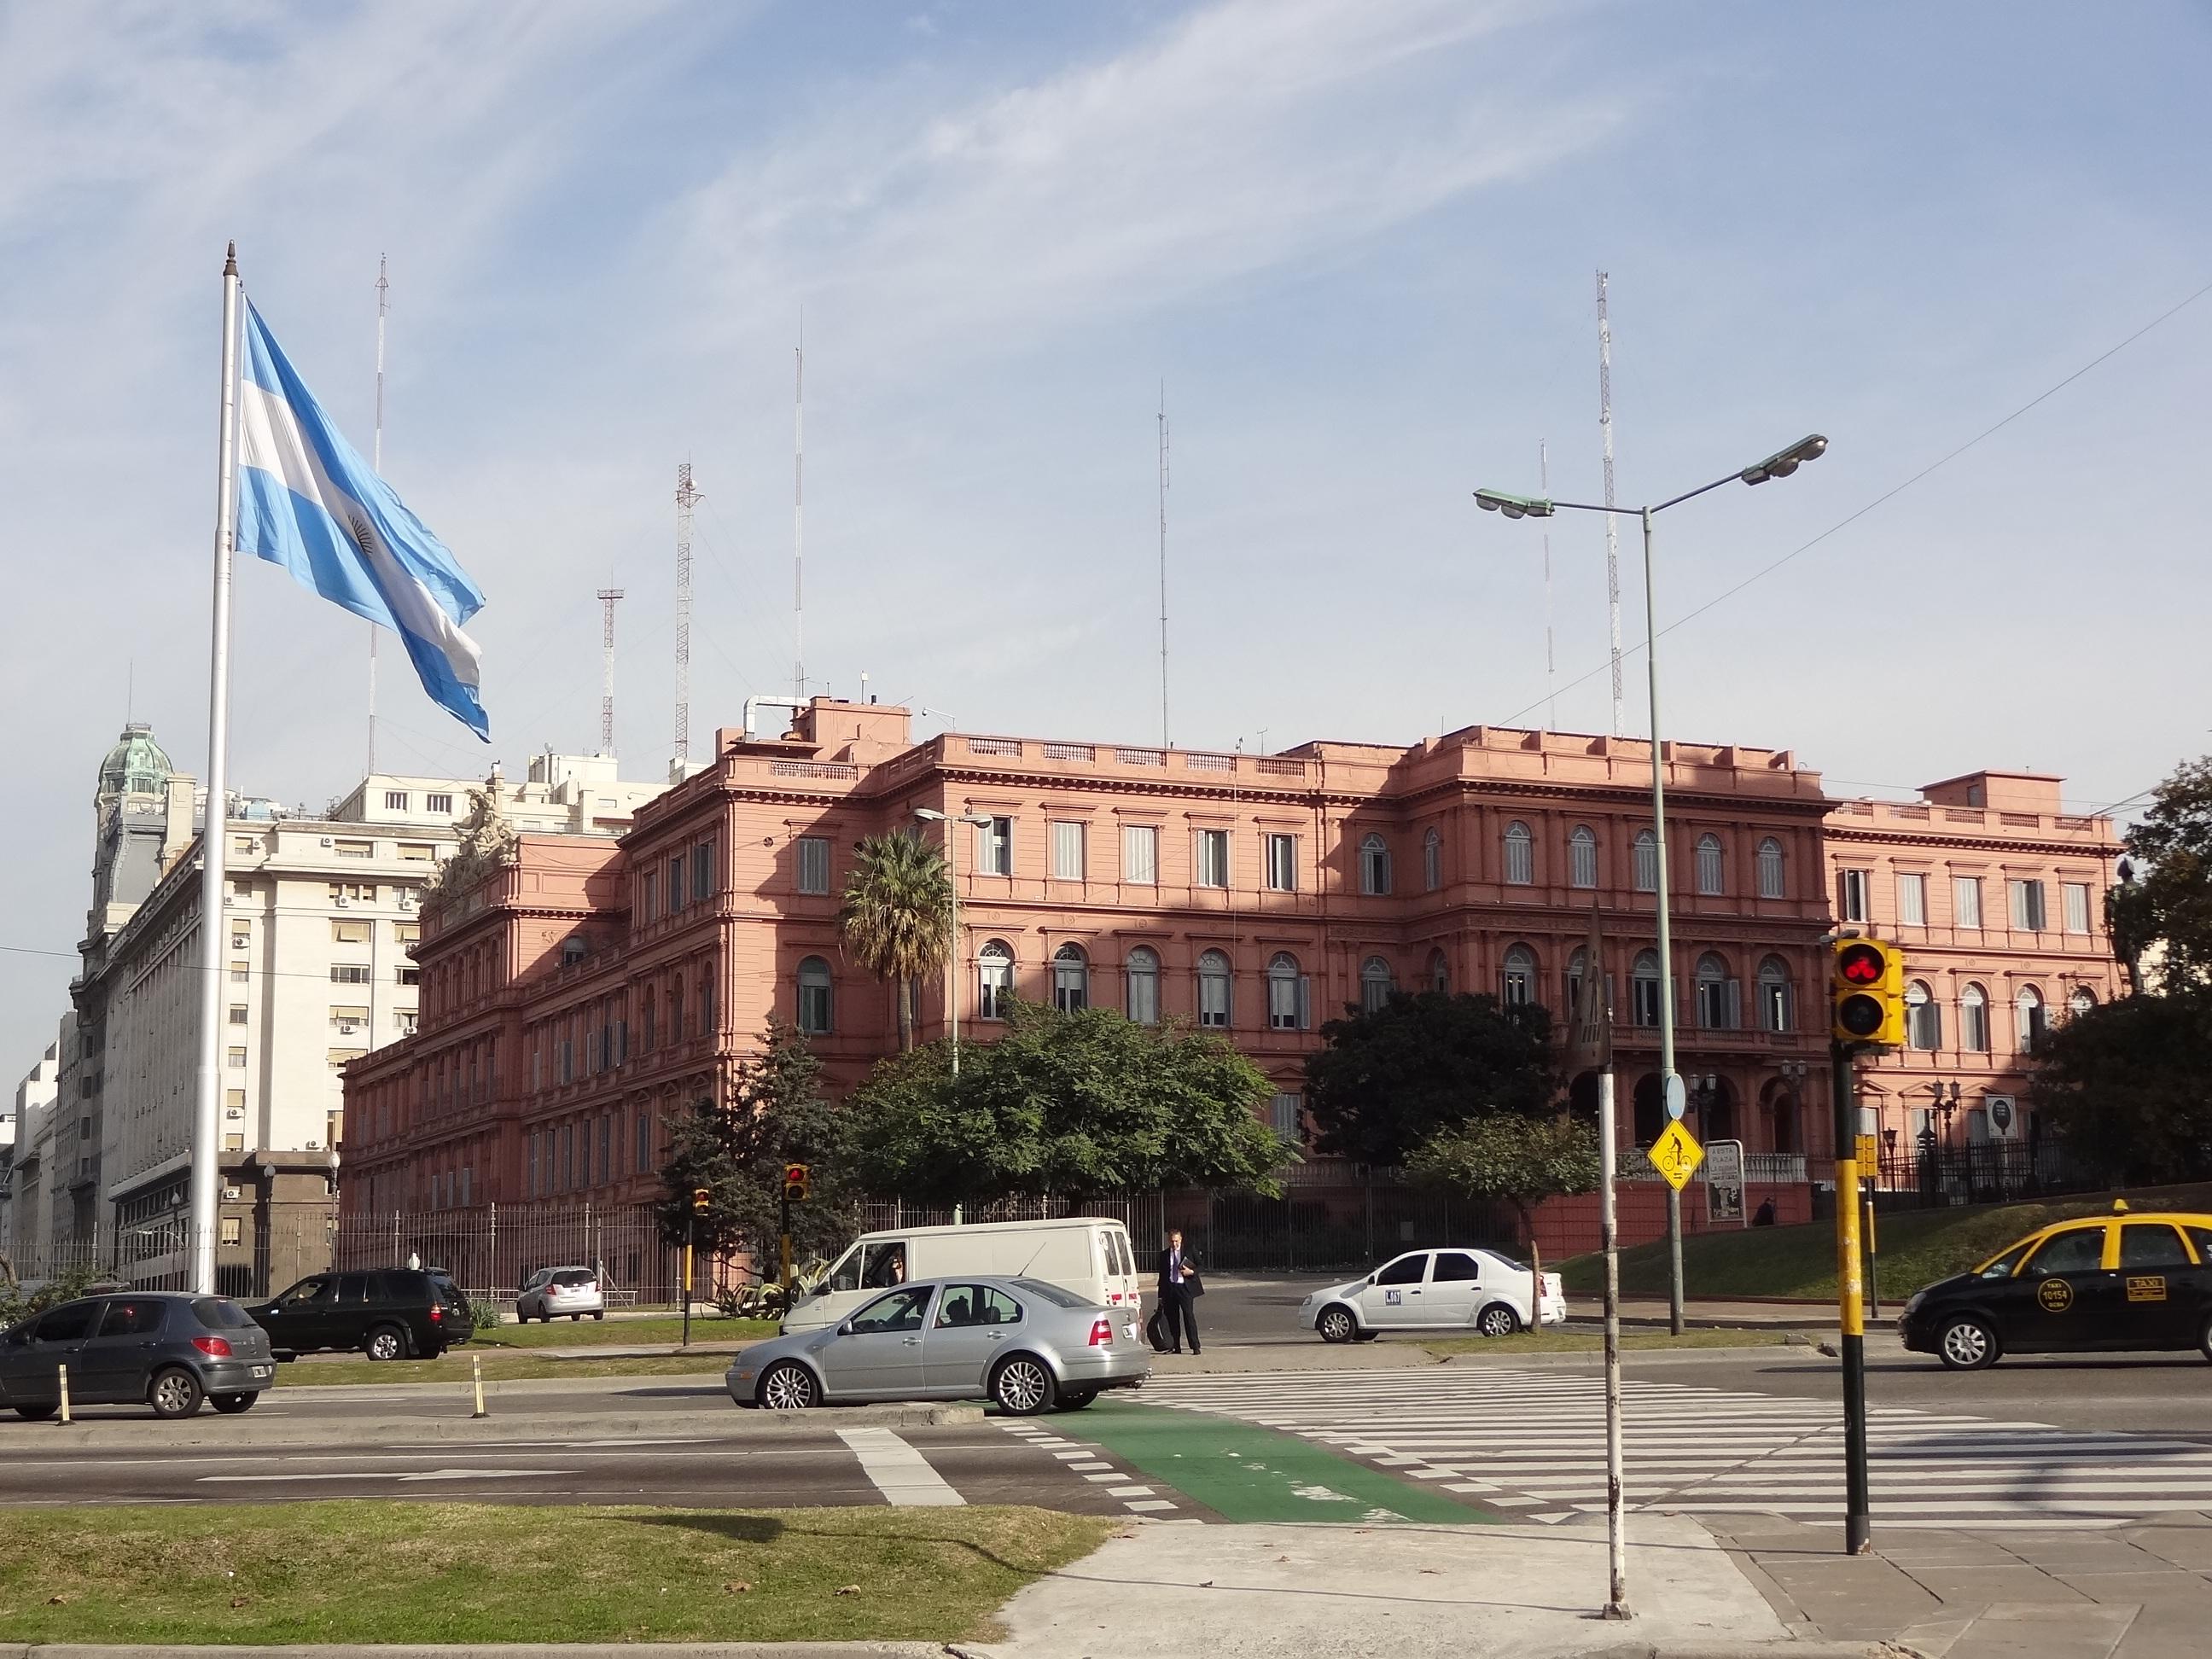 Casa-Rosada-Buenos-Aires-Argentina-Roteiro-Turismo Buenos Aires Roteiro para 1 semana